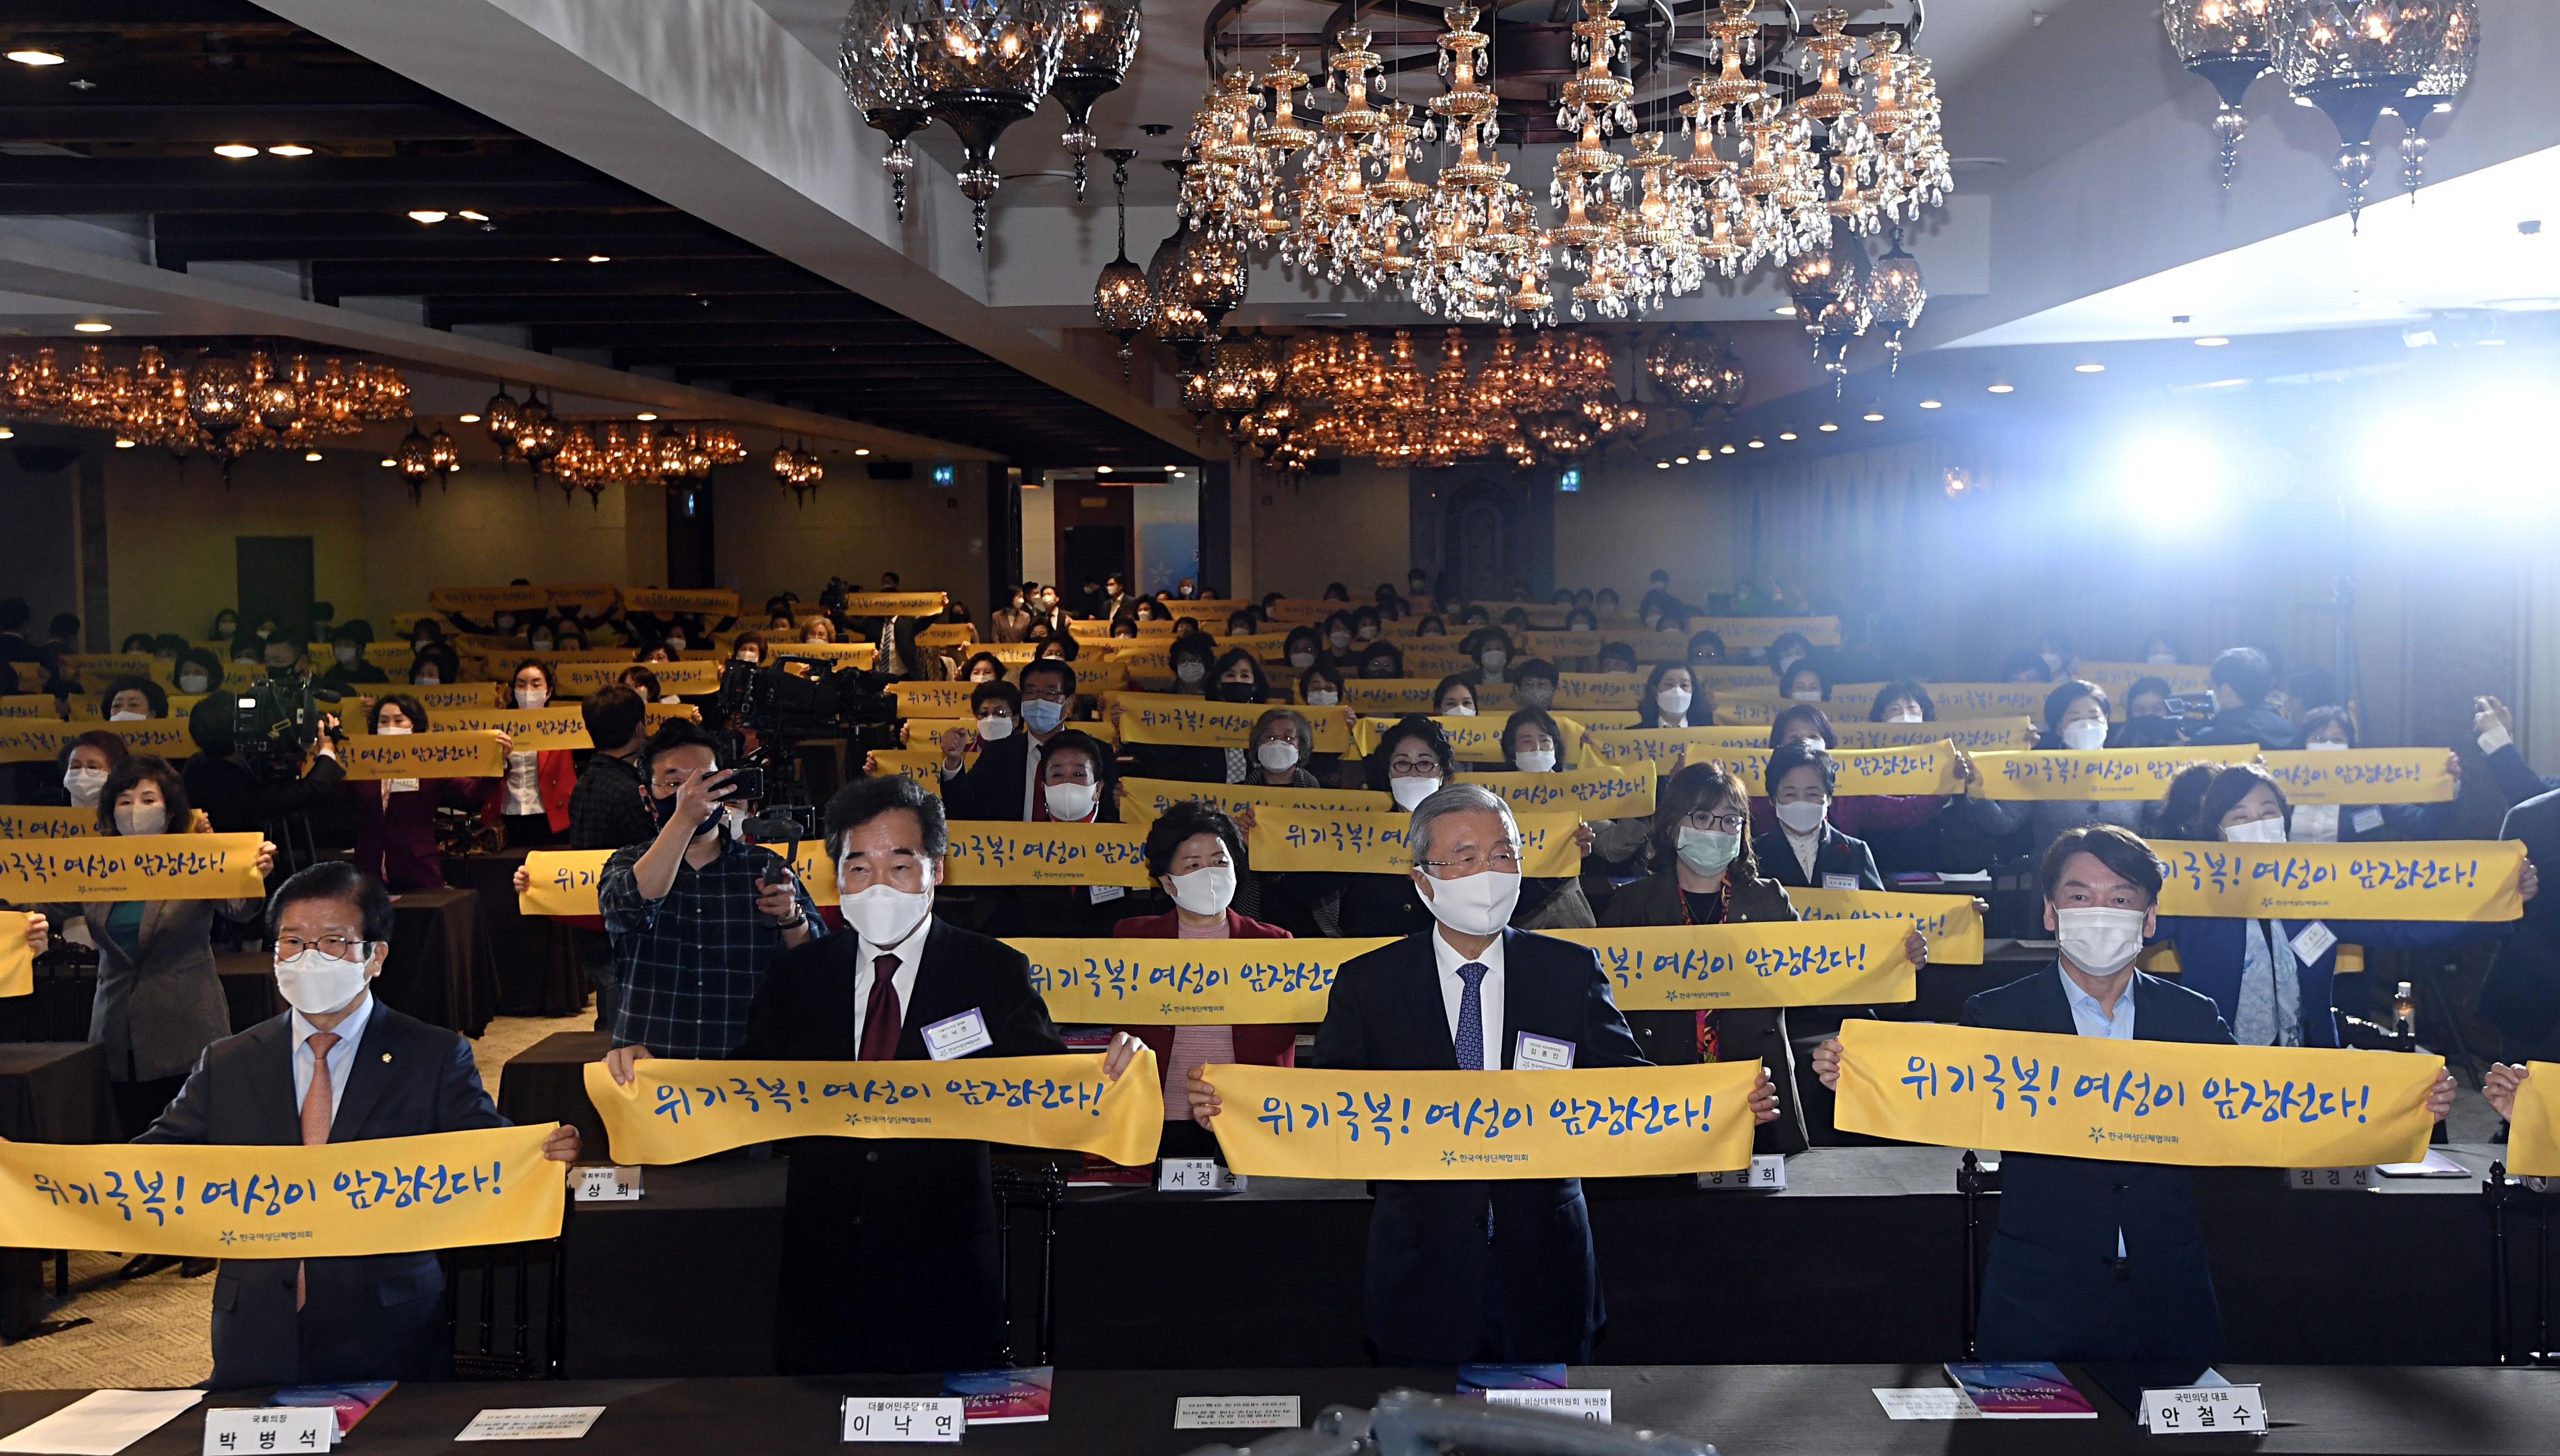 제55회 전국여성대회 참석한 국무총리와 여야대표들